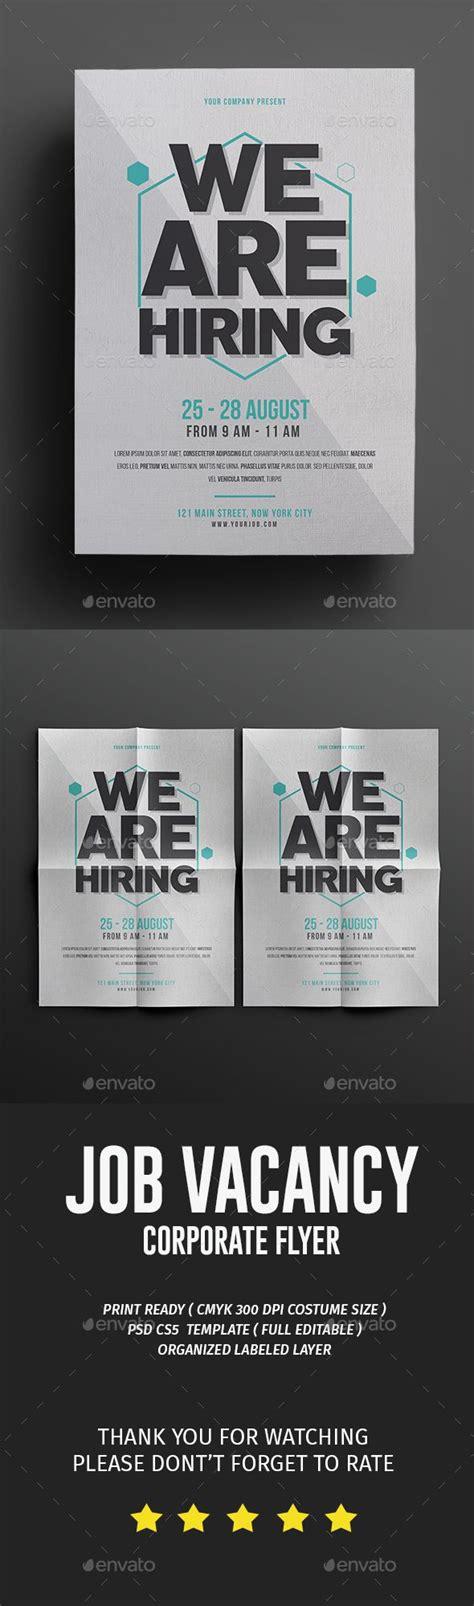 flyer design jobs 25 best ideas about job fair on pinterest interview